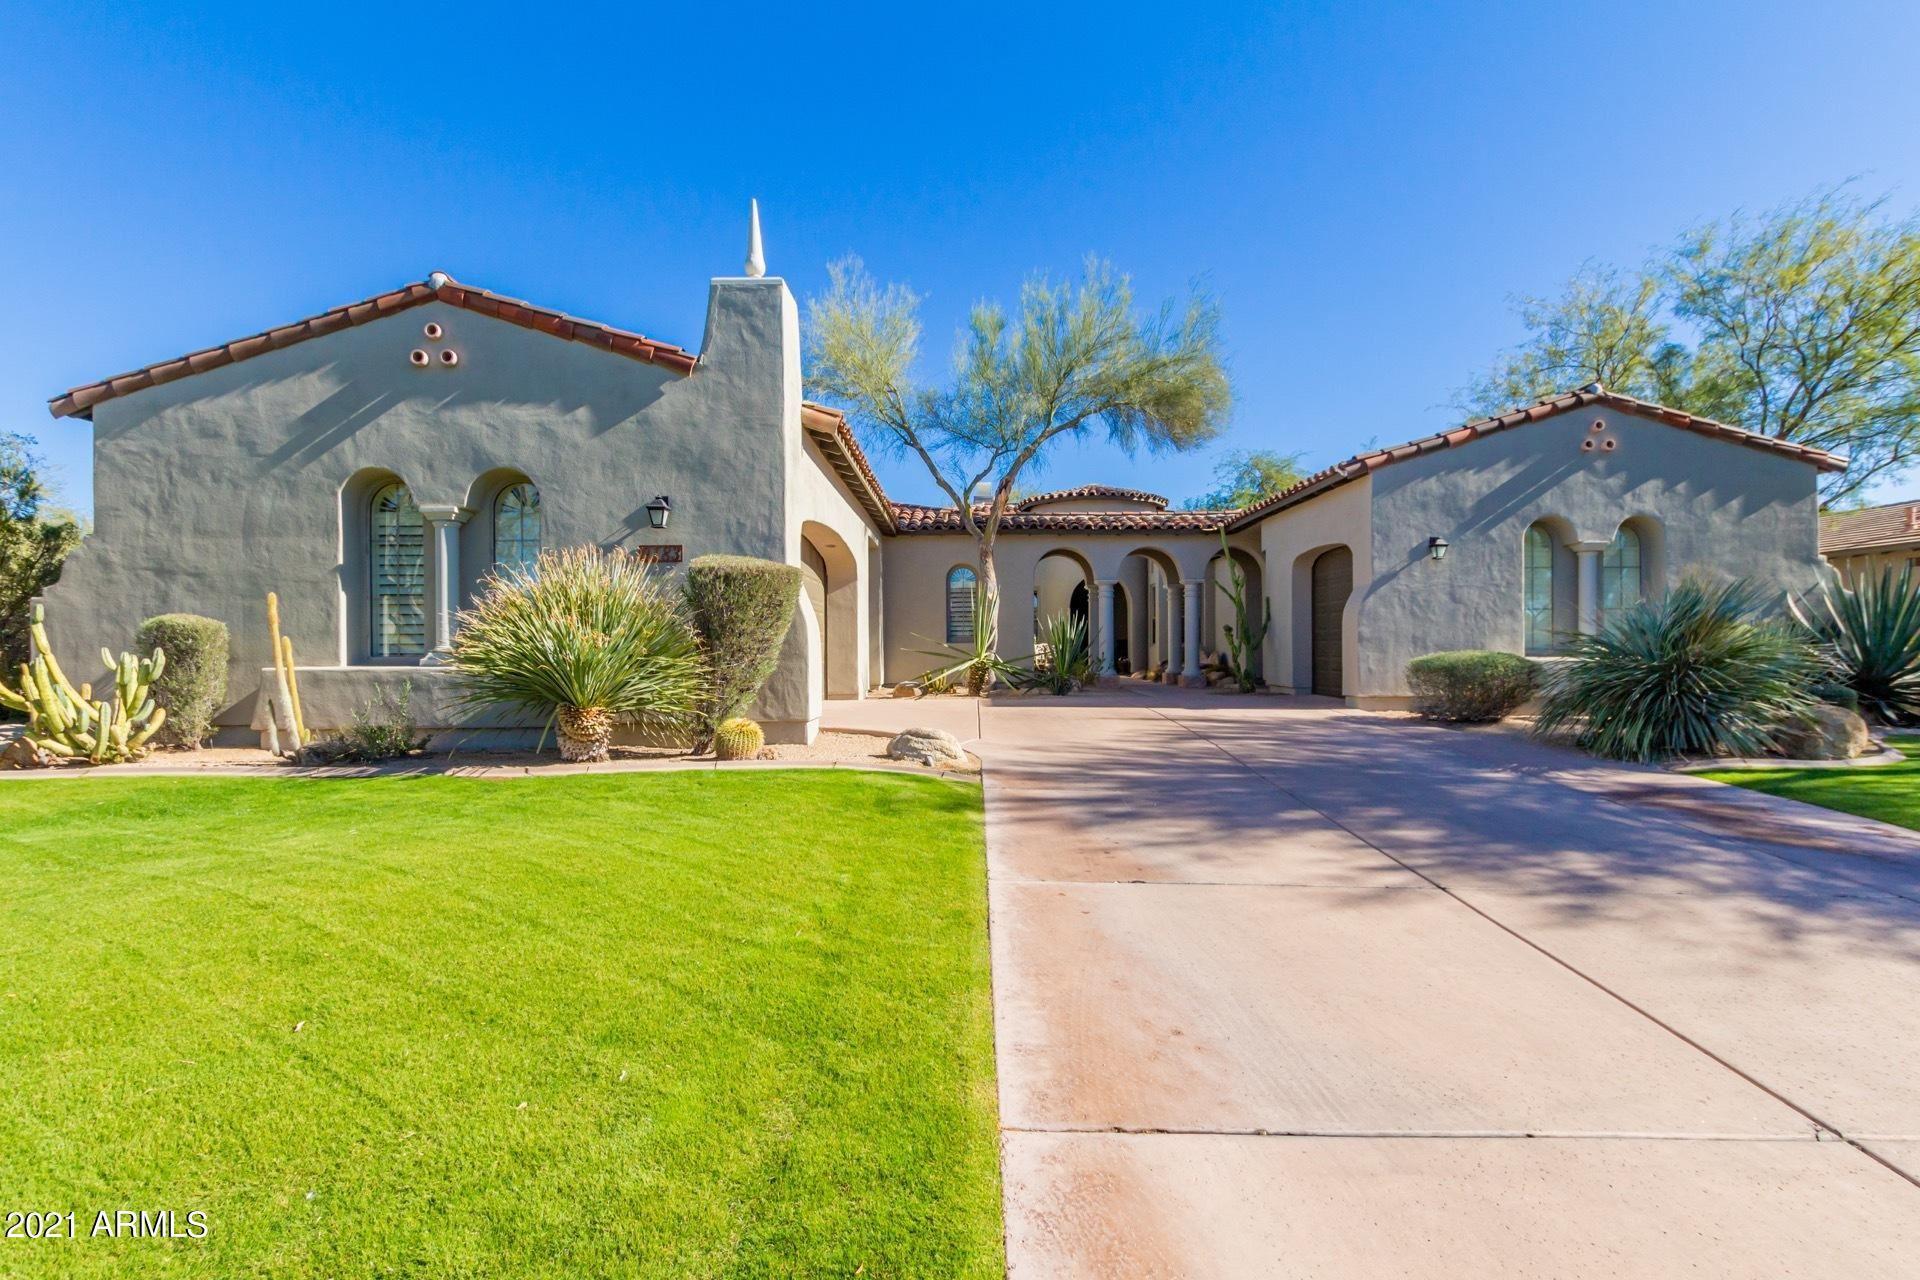 9183 E MOUNTAIN SPRING Road, Scottsdale, AZ 85255 - #: 6169791